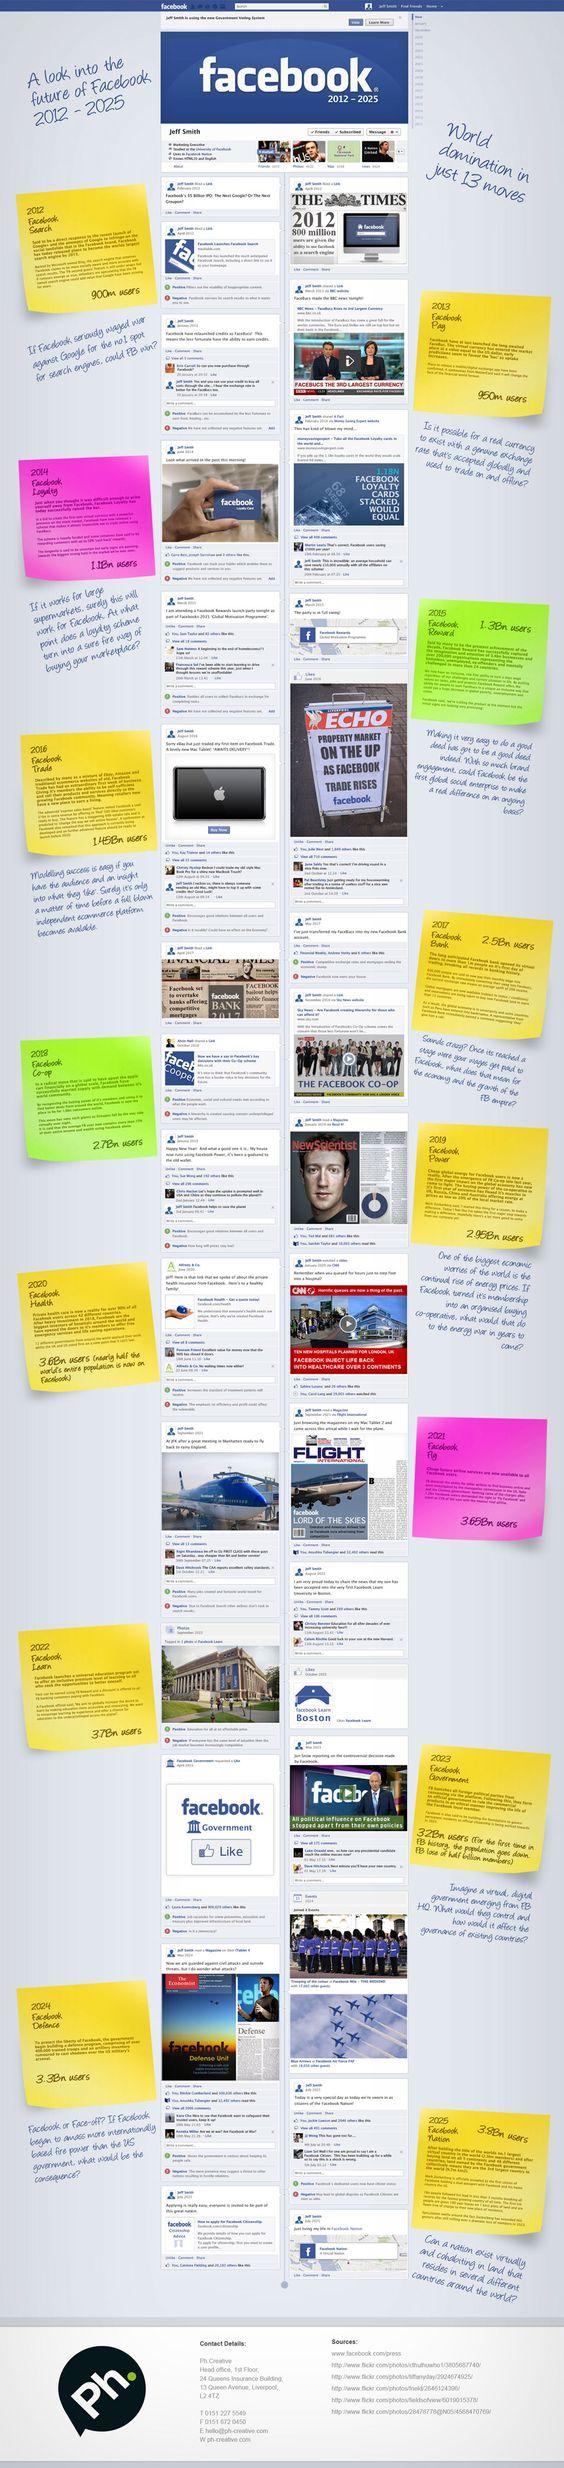 Um novo layout para o FB. Provavel. O pessoal jah reclama da linha do tempo, imagina deste entao.